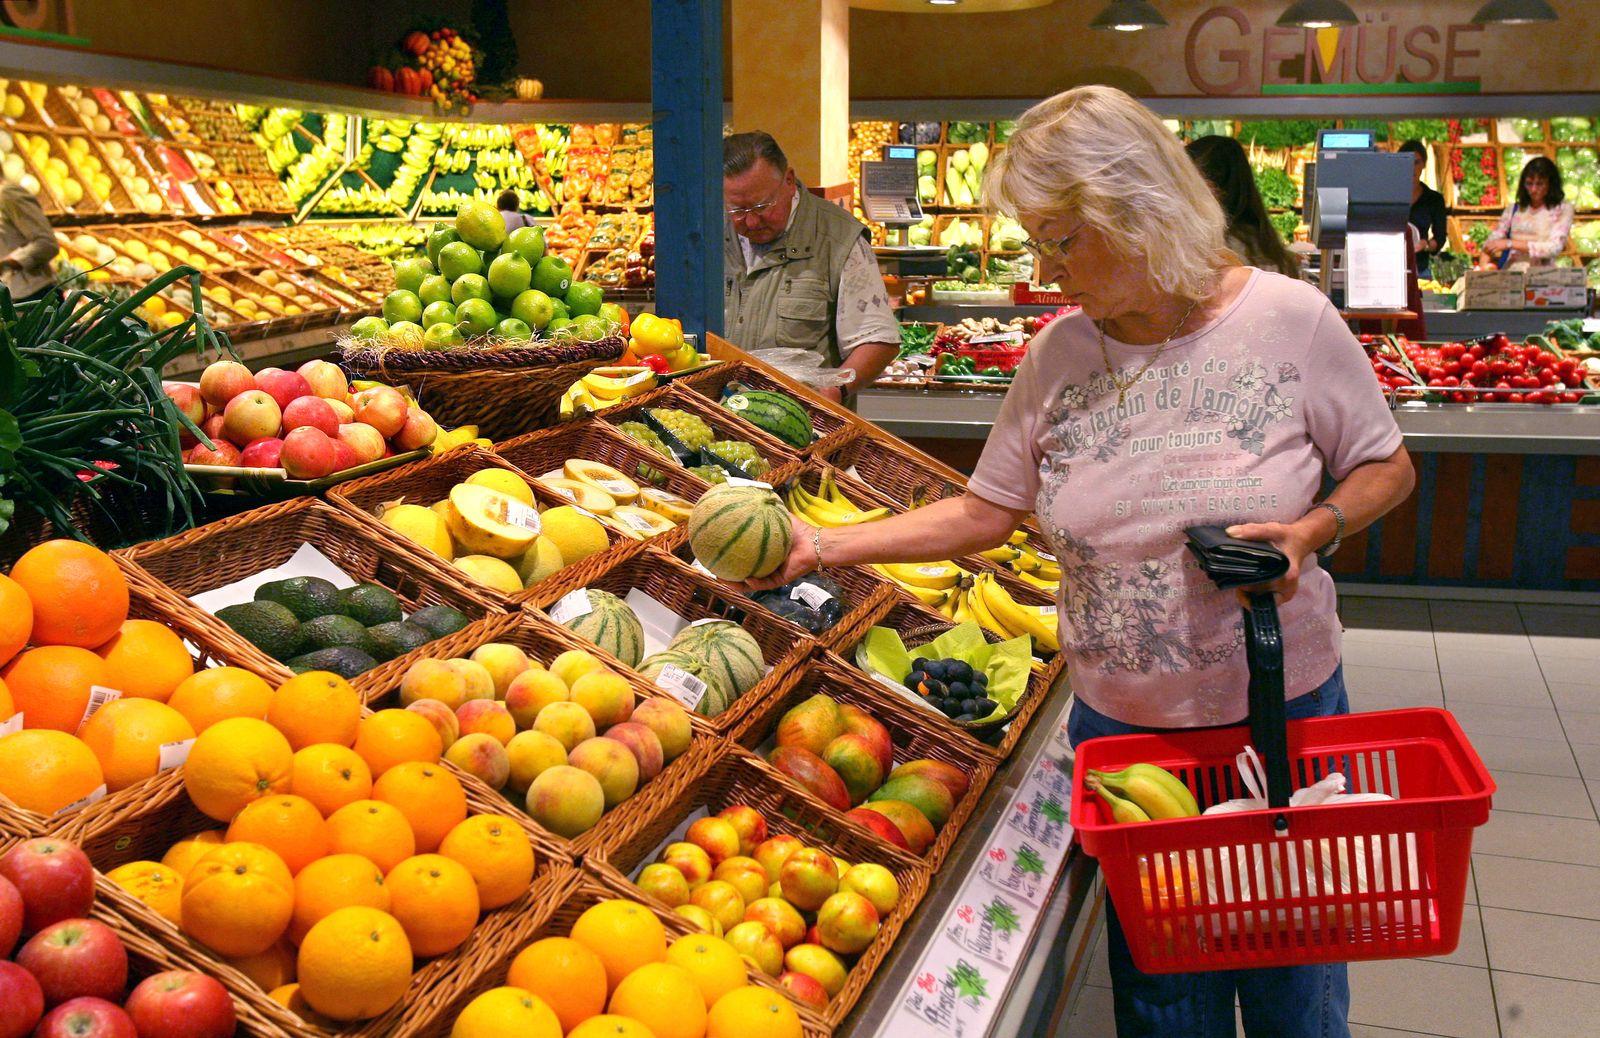 Supermarkt / Lebensmittel / Obst und Gemüse